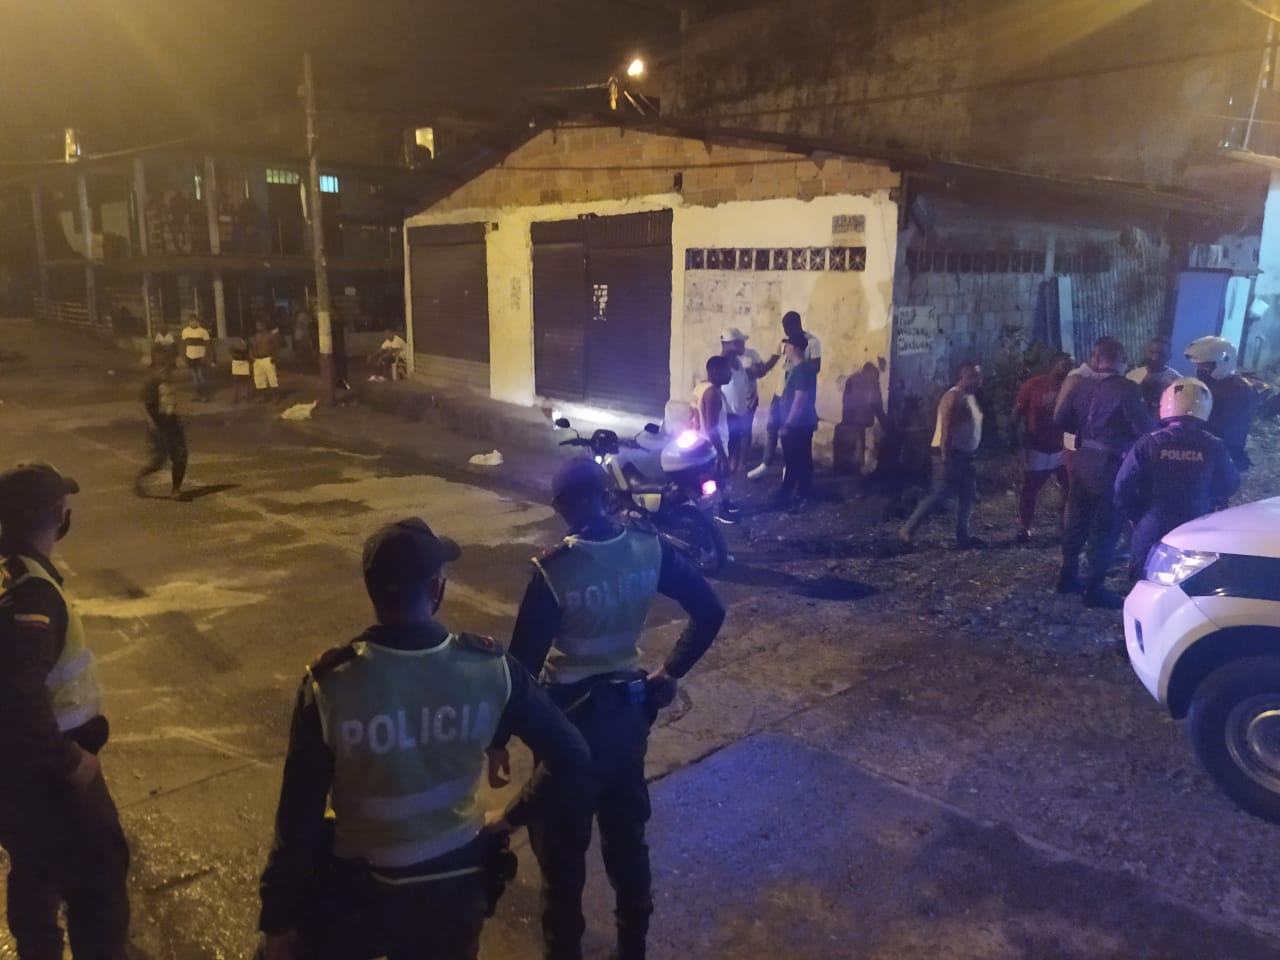 30 fiestas y reuniones apagó la policía en Buenaventura, durante el puente festivo de Padres | Noticias de Buenaventura, Colombia y el Mundo